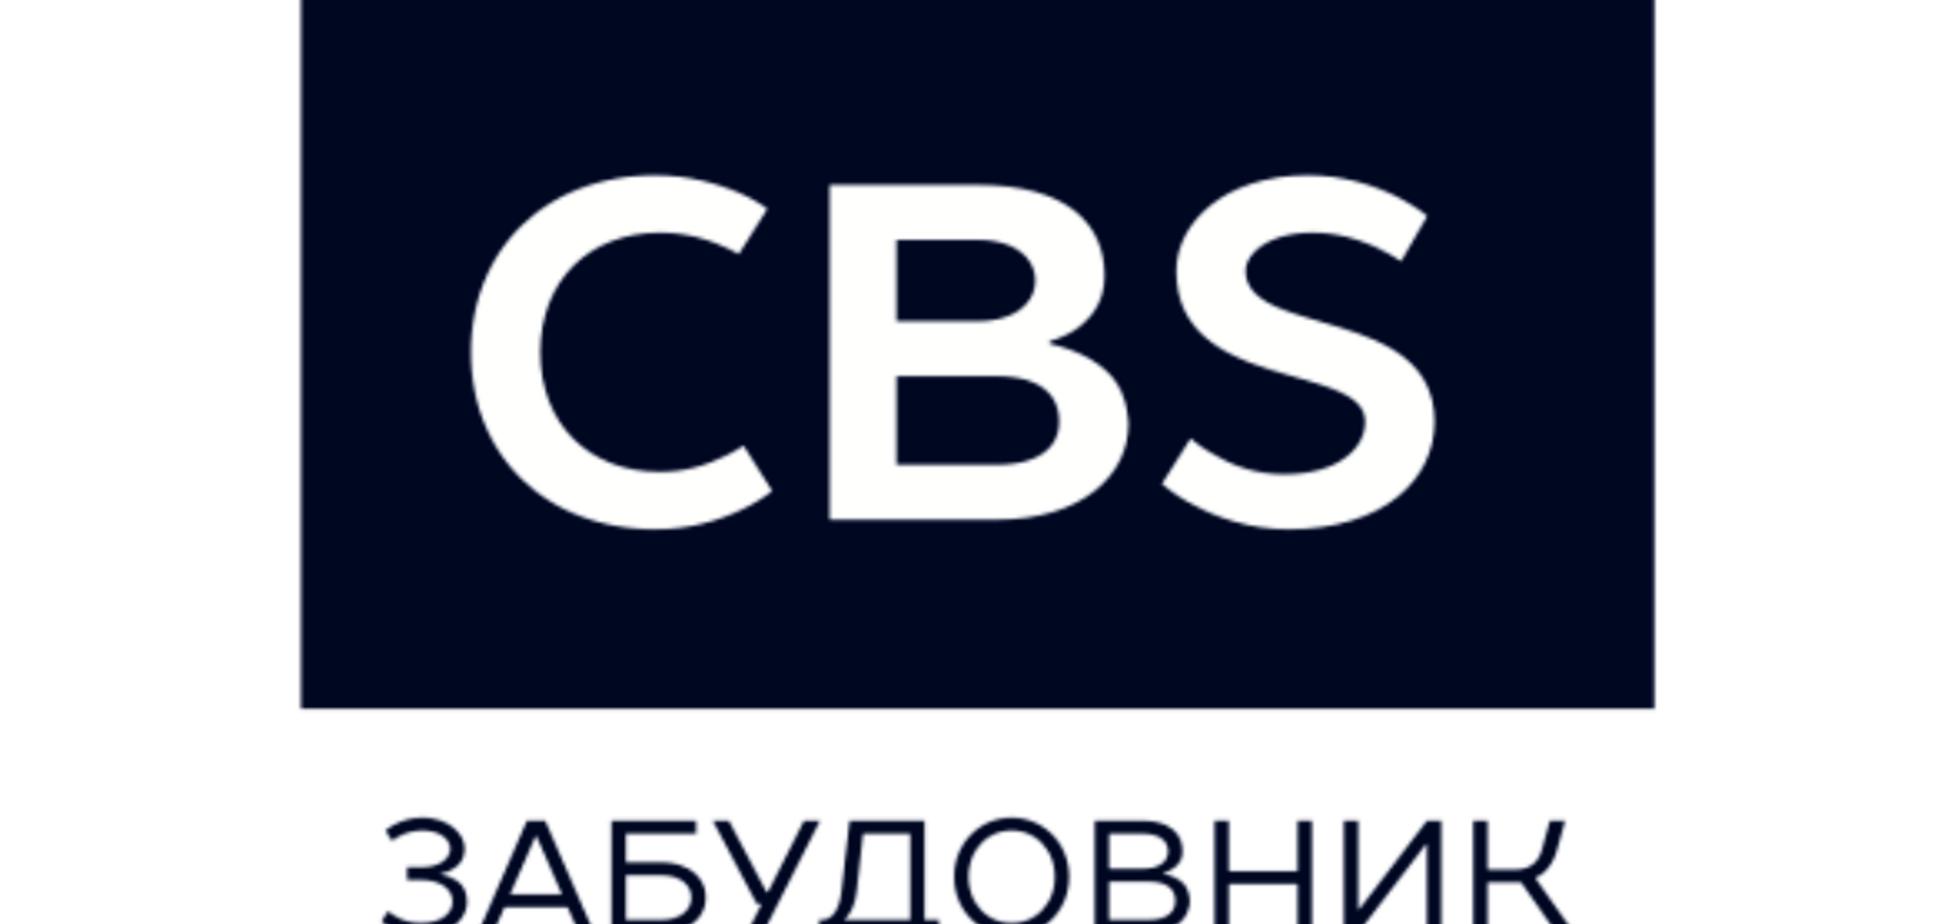 Официальное обращение CBS Холдинг